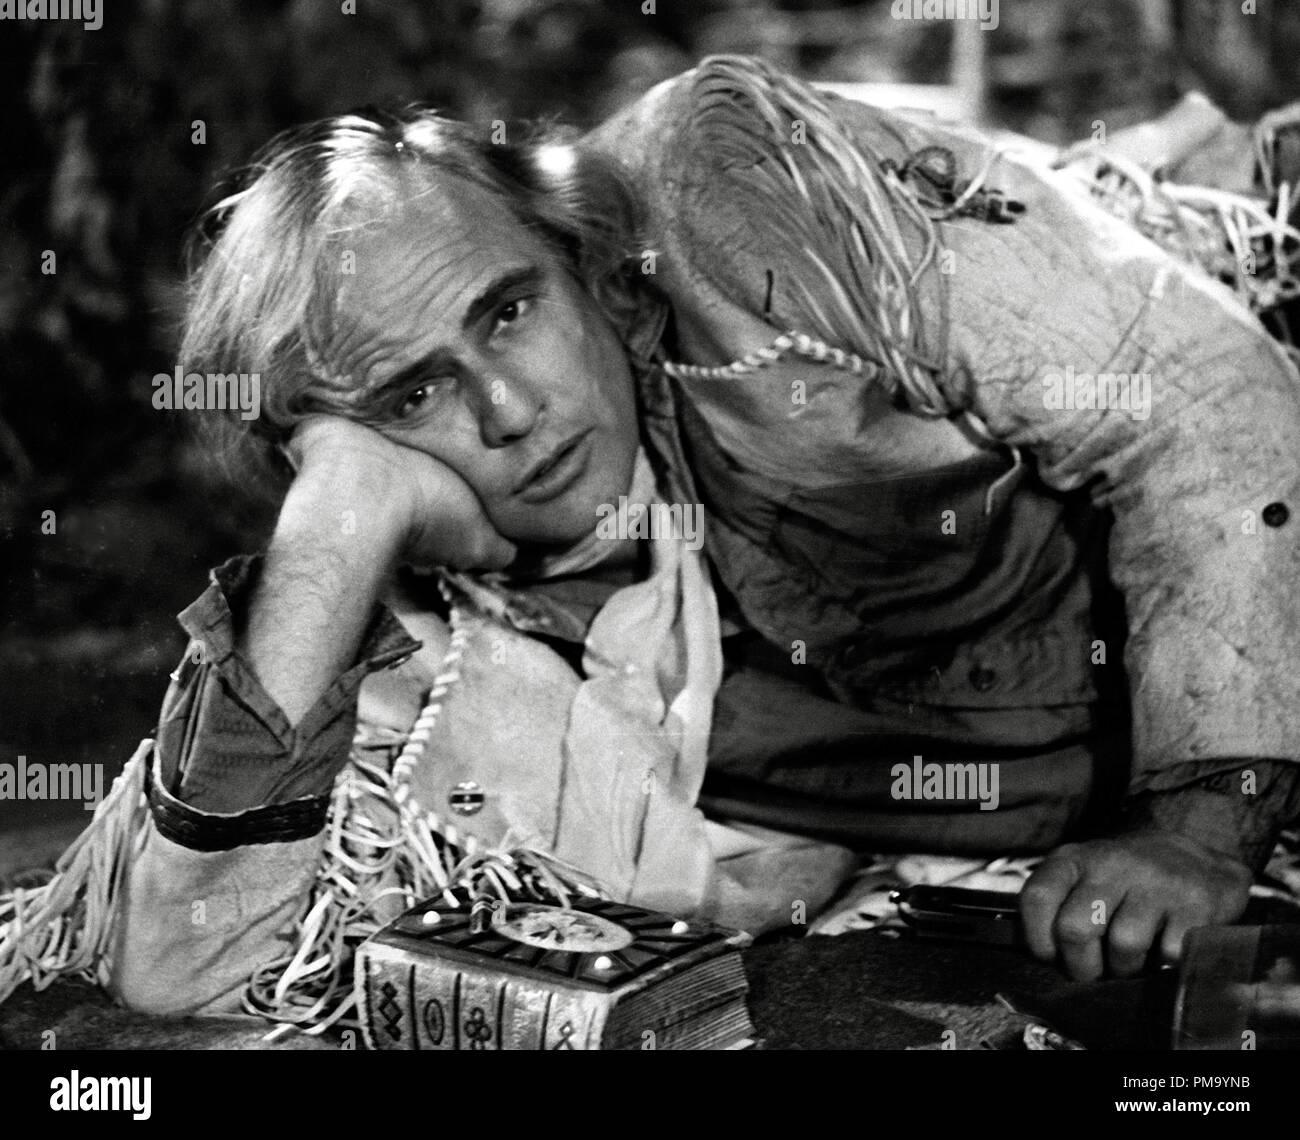 Studio Publicity Still: 'The Missouri Breaks' Marlon Brando 1976 UA  File Reference # 31780_257THA - Stock Image